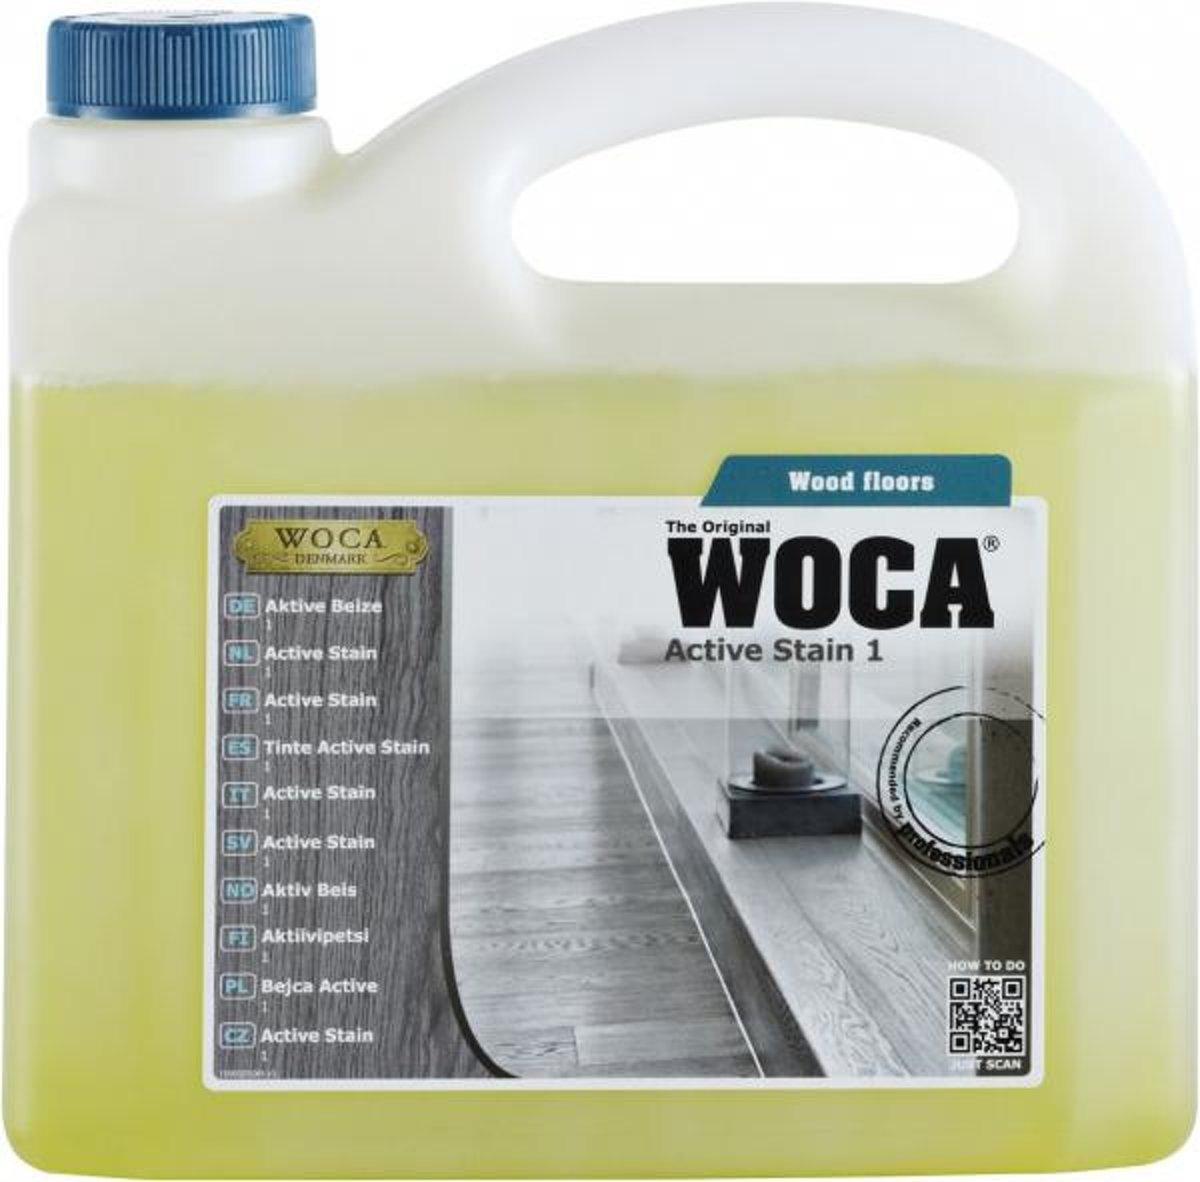 Woca Active Stain 2 - 0,1 Liter kopen